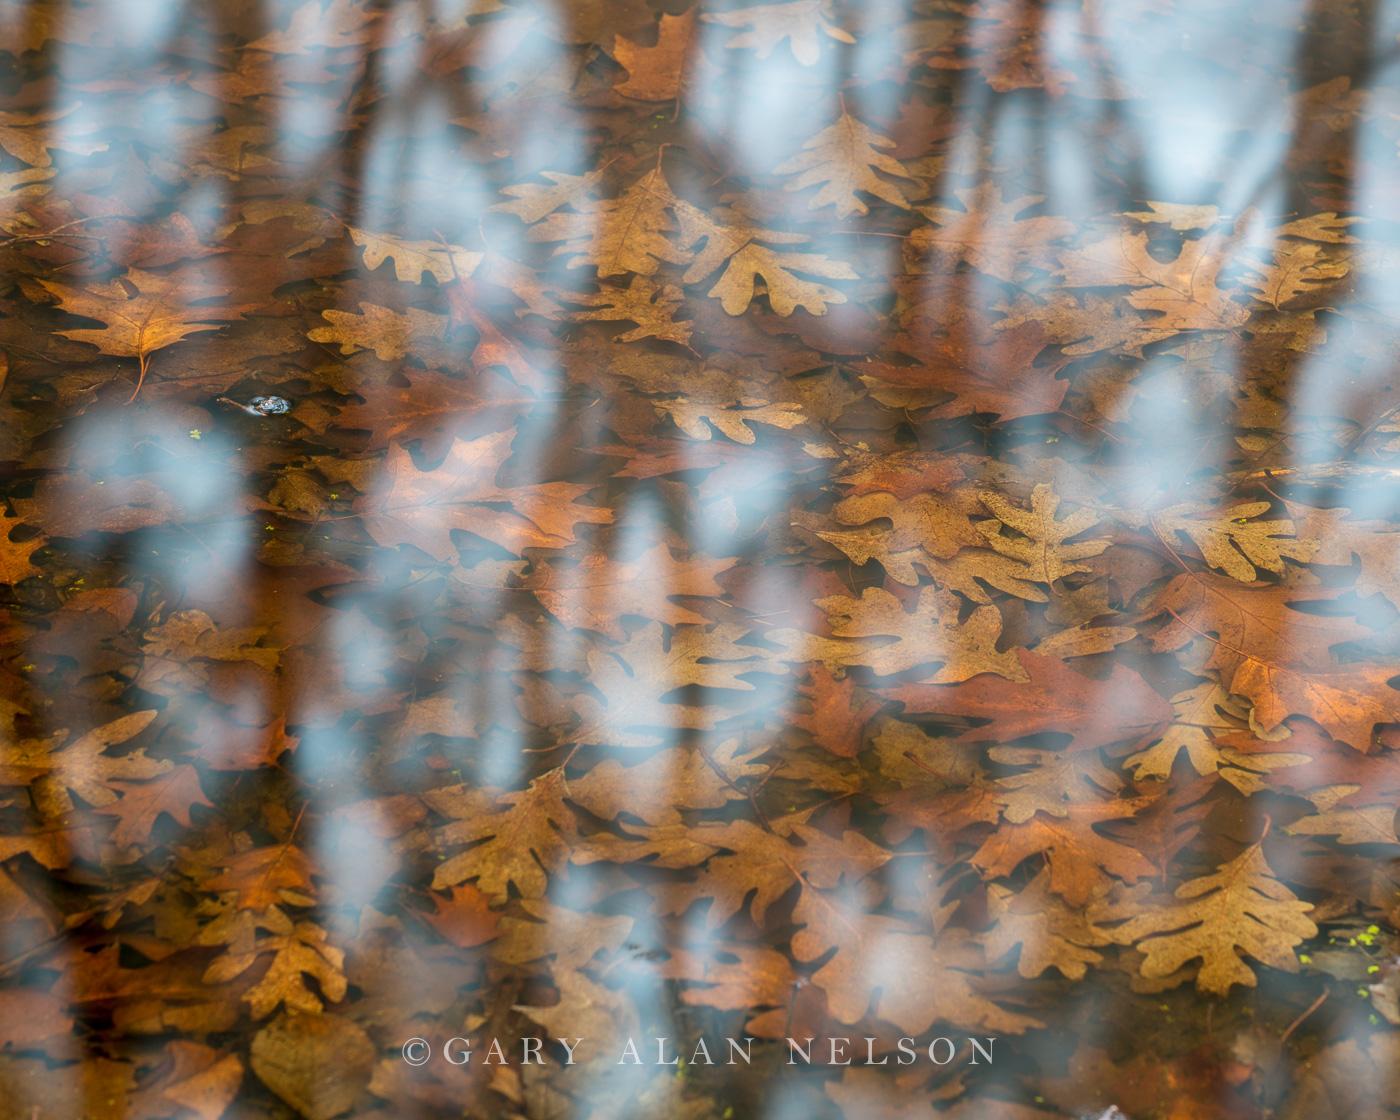 allemensratt,minnesota,oak,oak leaf,reflections,water, photo